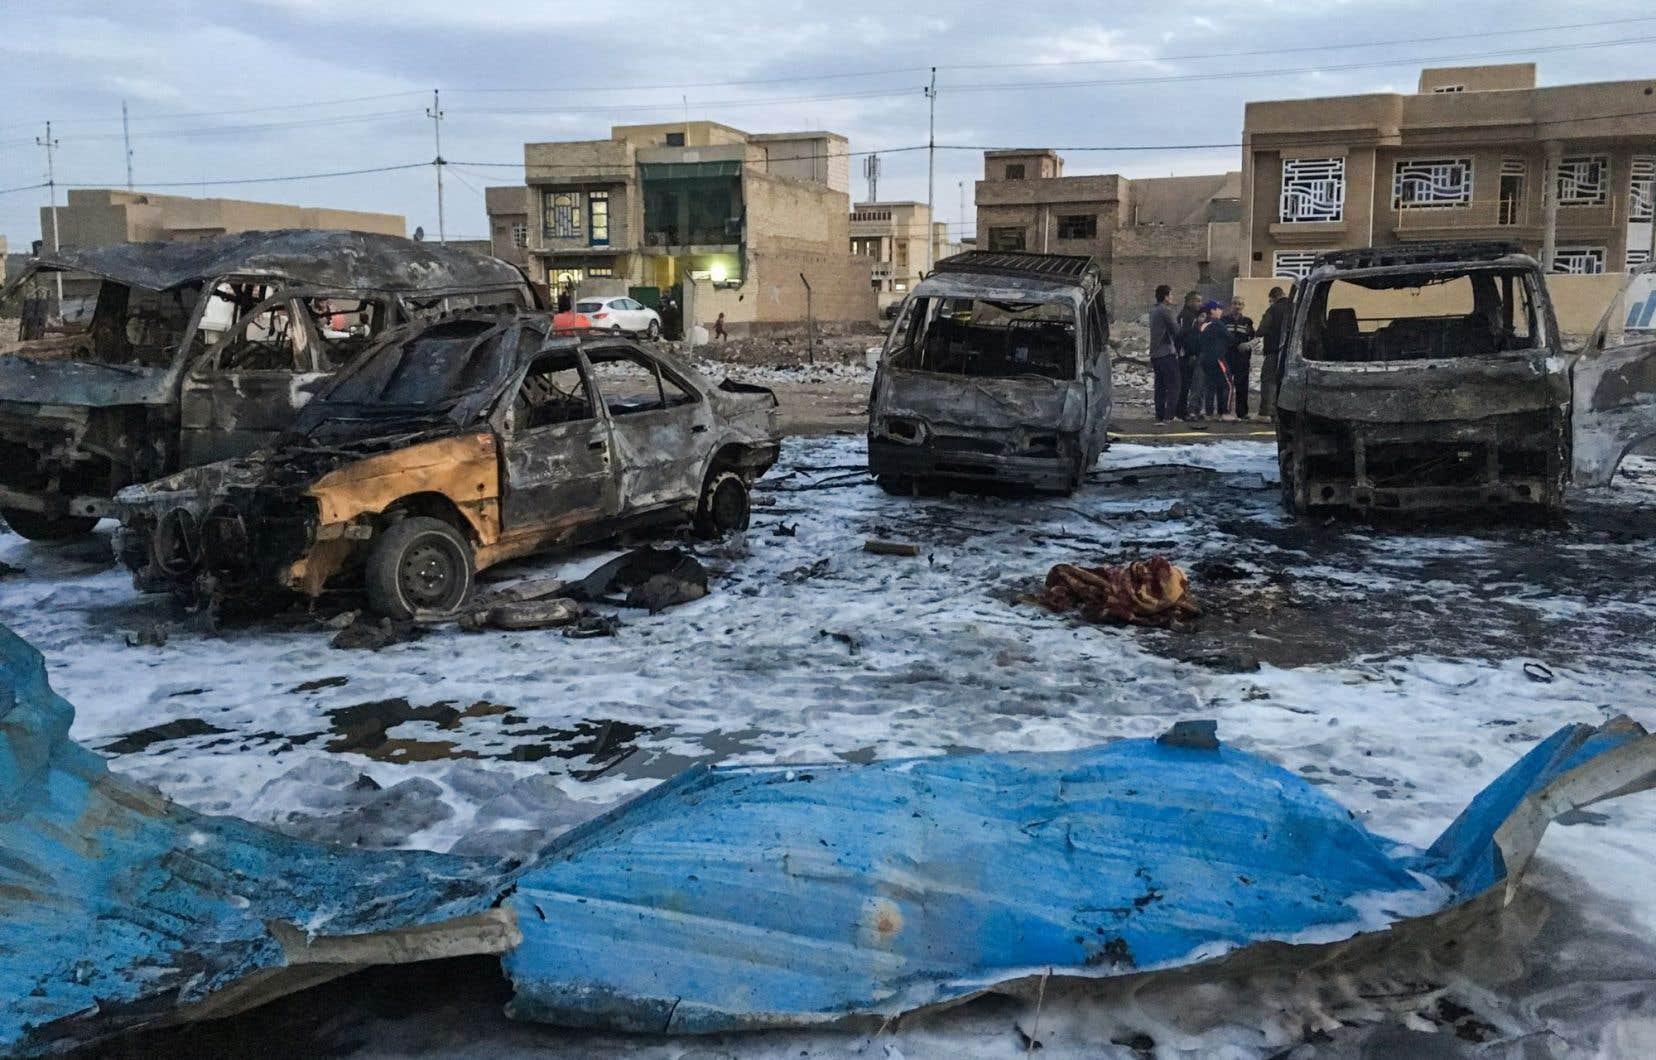 Une photo prise avec un téléphone mobile montre des véhicules brûlés sur les lieux d'une explosion causée par une voiture piégée. Des dizaines de personnes ont été tuées dans un marché de voitures d'occasion dans le sud de Bagdad.